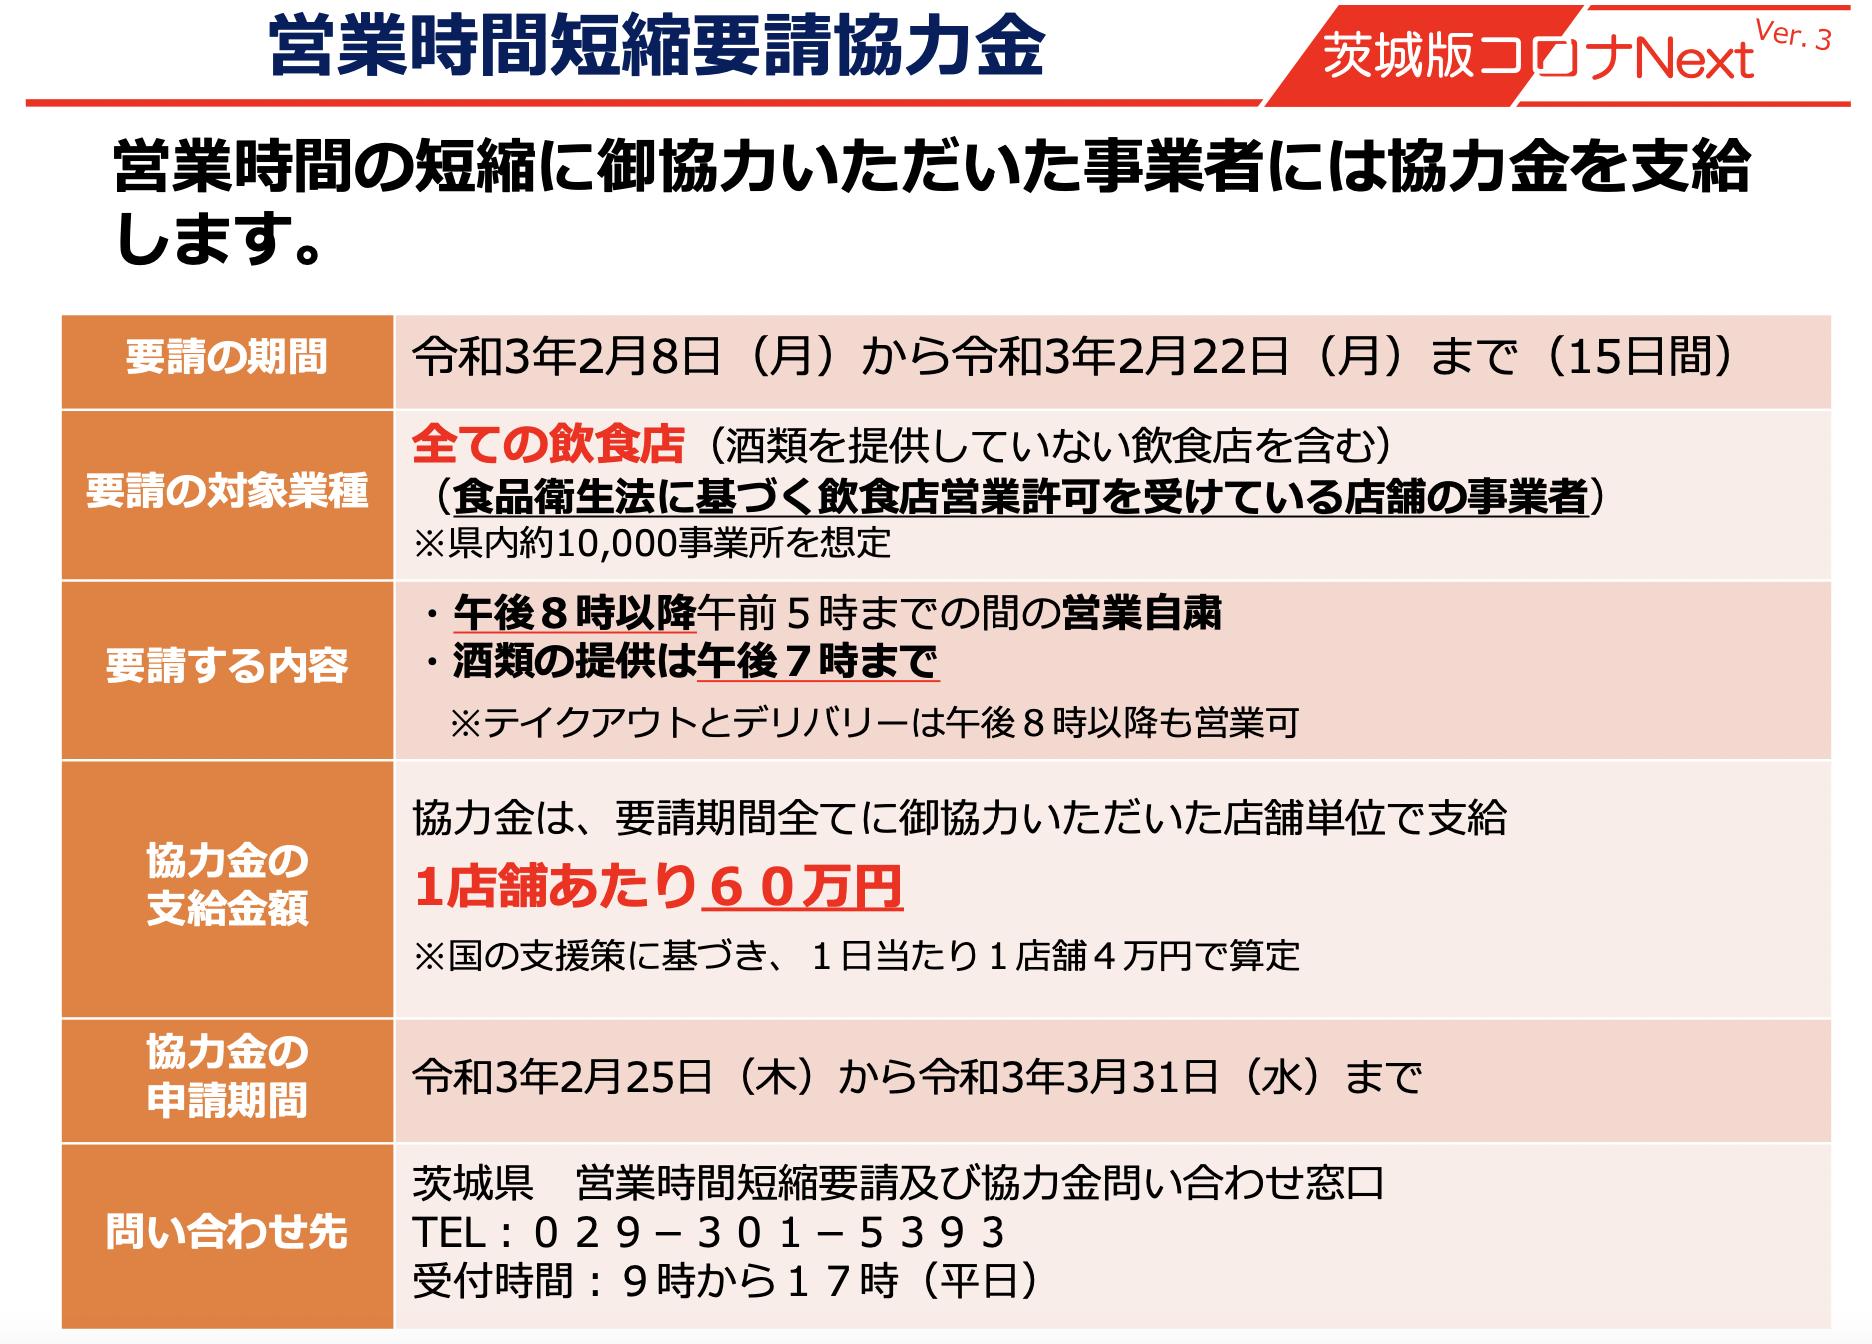 茨城県緊急事態解除002